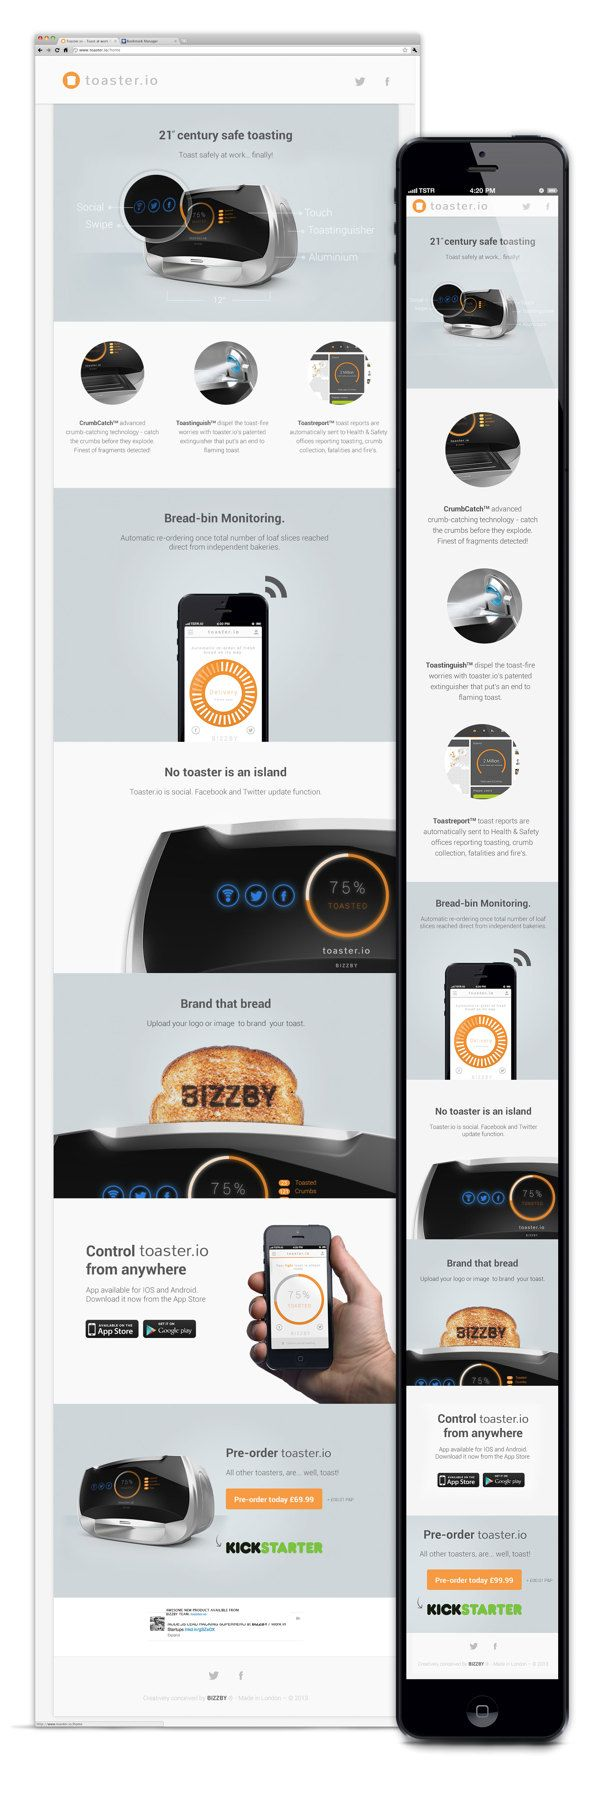 toaster.io by Ashton Snook, via Behance